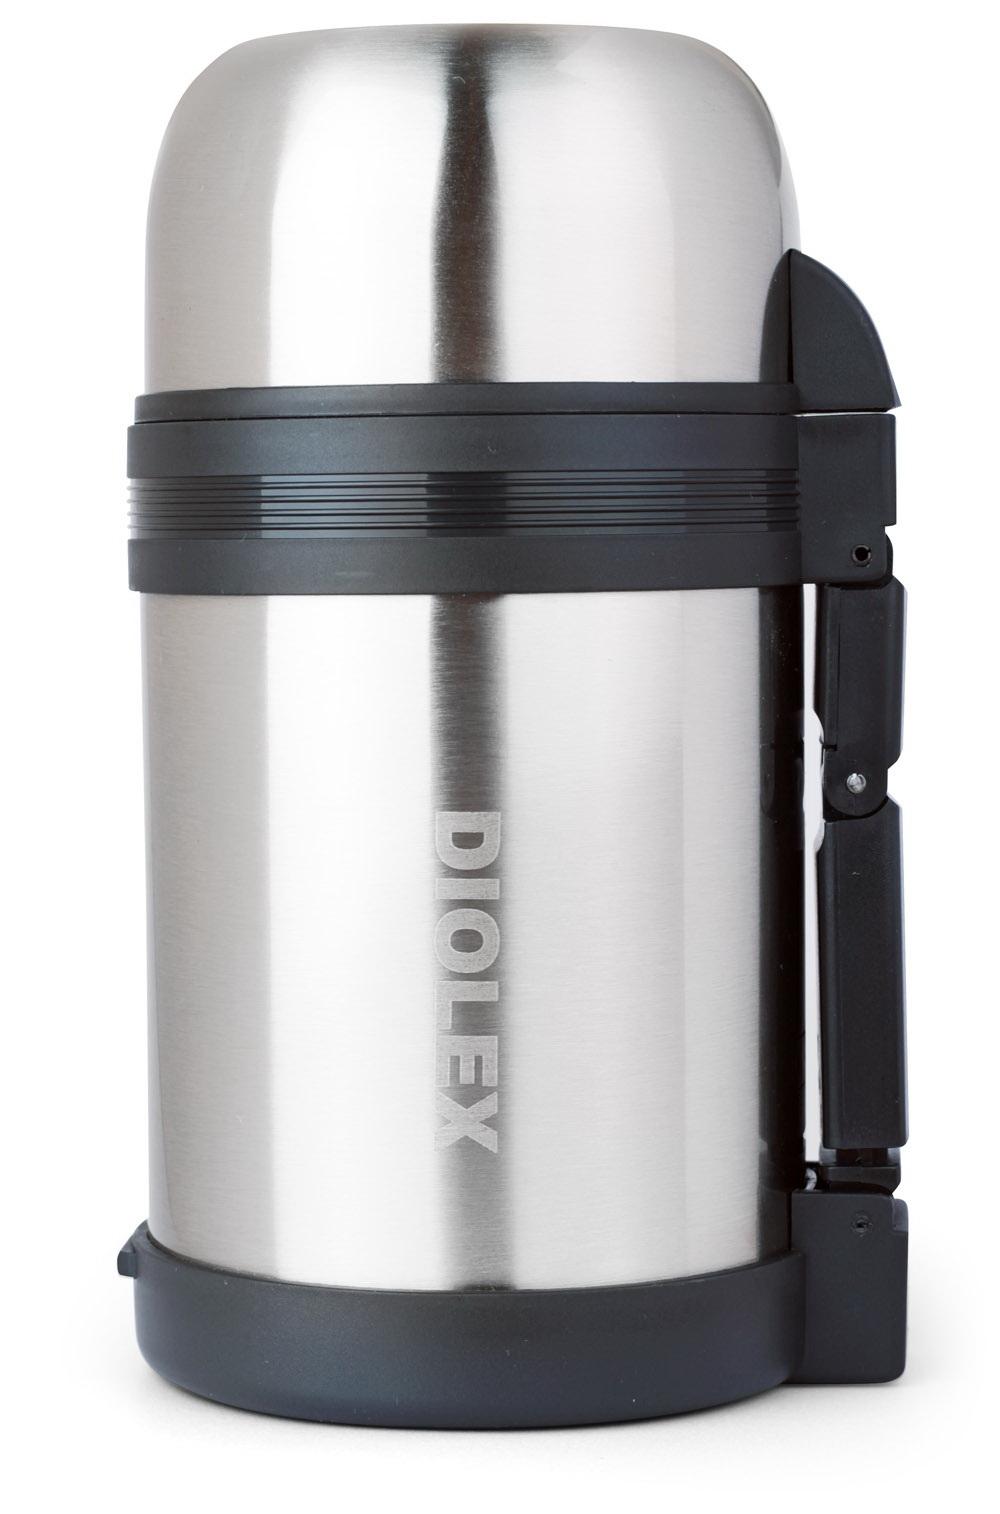 Термос универсальный Diolex, 0,6 лDXU-600-1Термос Diolex изготовлен из высококачественной нержавеющей стали и пластика. Двойная внутренняя колба обеспечивает долгое сохранение температуры содержимого. Термос вакуумный, он плотно закрывается специальным клапаном и дополнительно закручивается крышкой. Пластиковая подвижная ручка и ремешок для переноски делают использование термоса легким и удобным. Термос подходит как для хранения жидкостей, так и пищи. Для еды в комплекте предусмотрен специальный пластиковый контейнер белого цвета. Термос сохраняет напитки и продукты горячими или холодными долгое время. Легкий и прочный термос Diolex идеально подойдет для отдыха и путешествий.